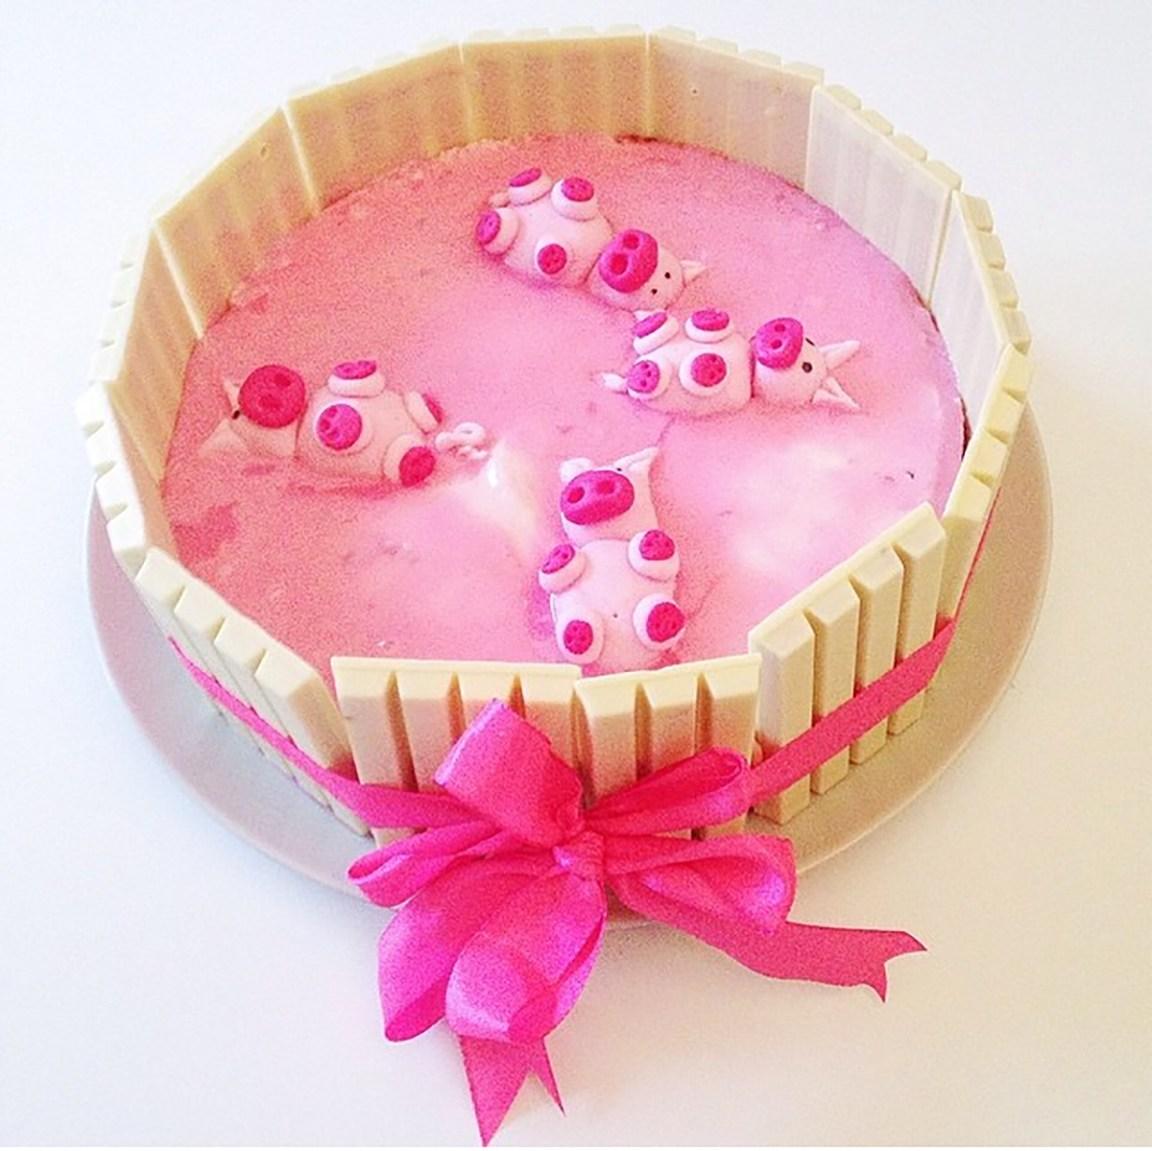 7things_15_cake